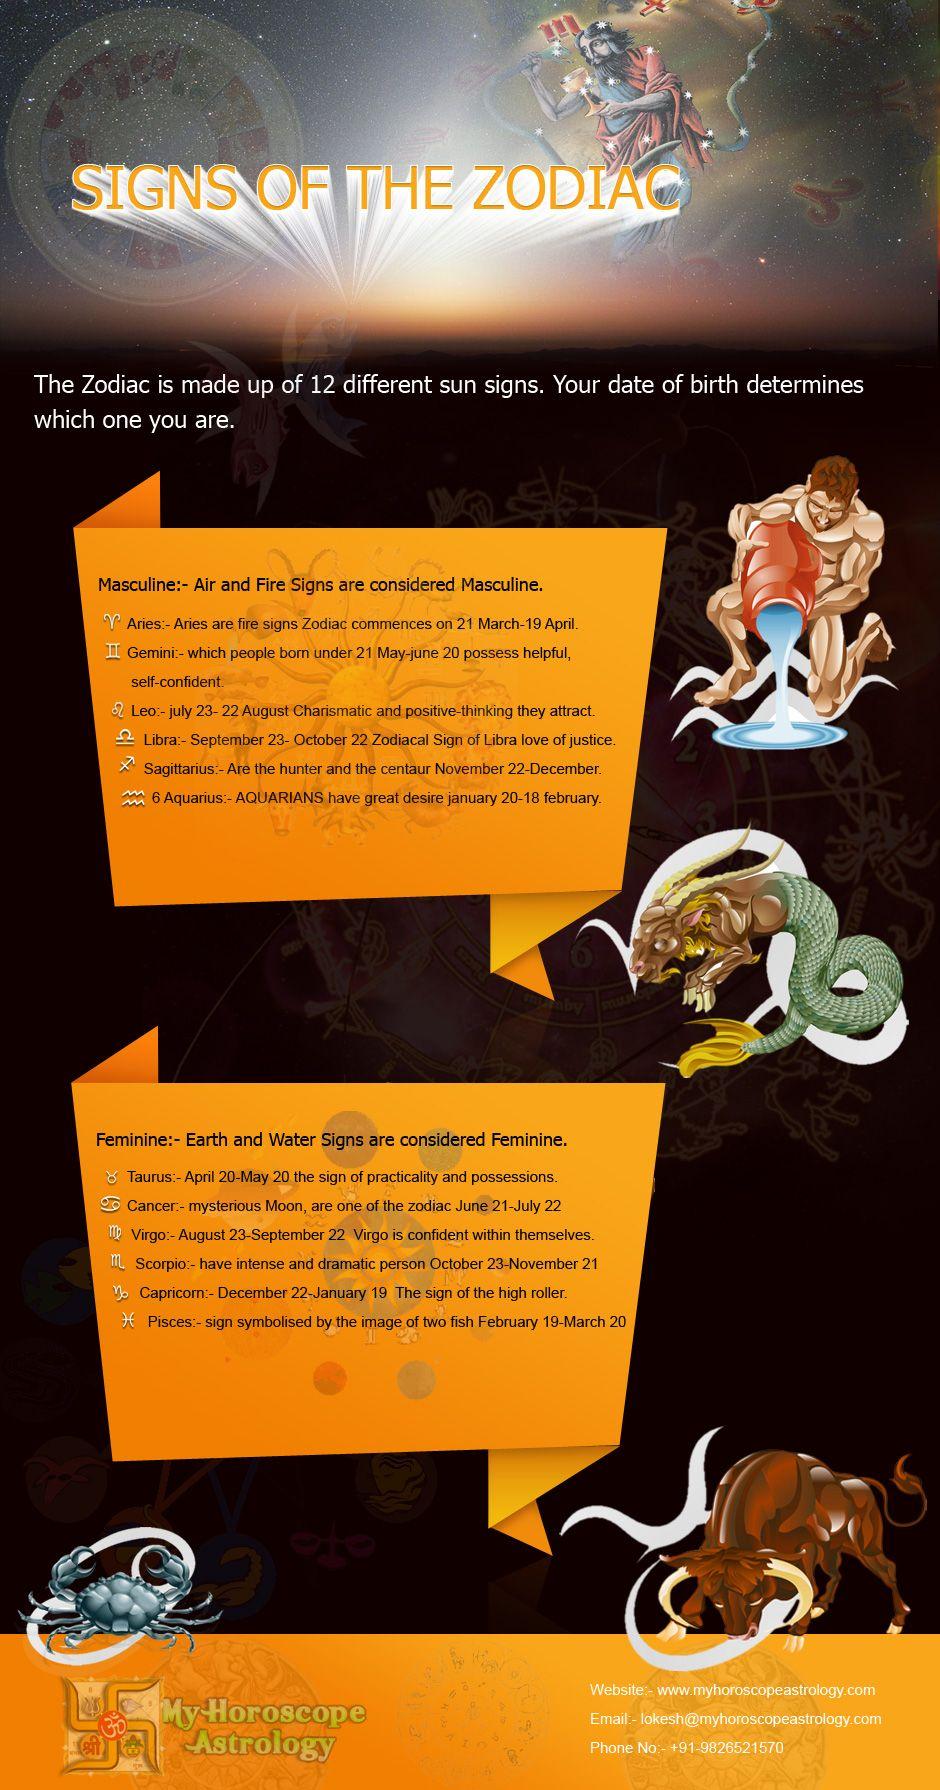 Astrology visually horoscope reading libra love zodiac